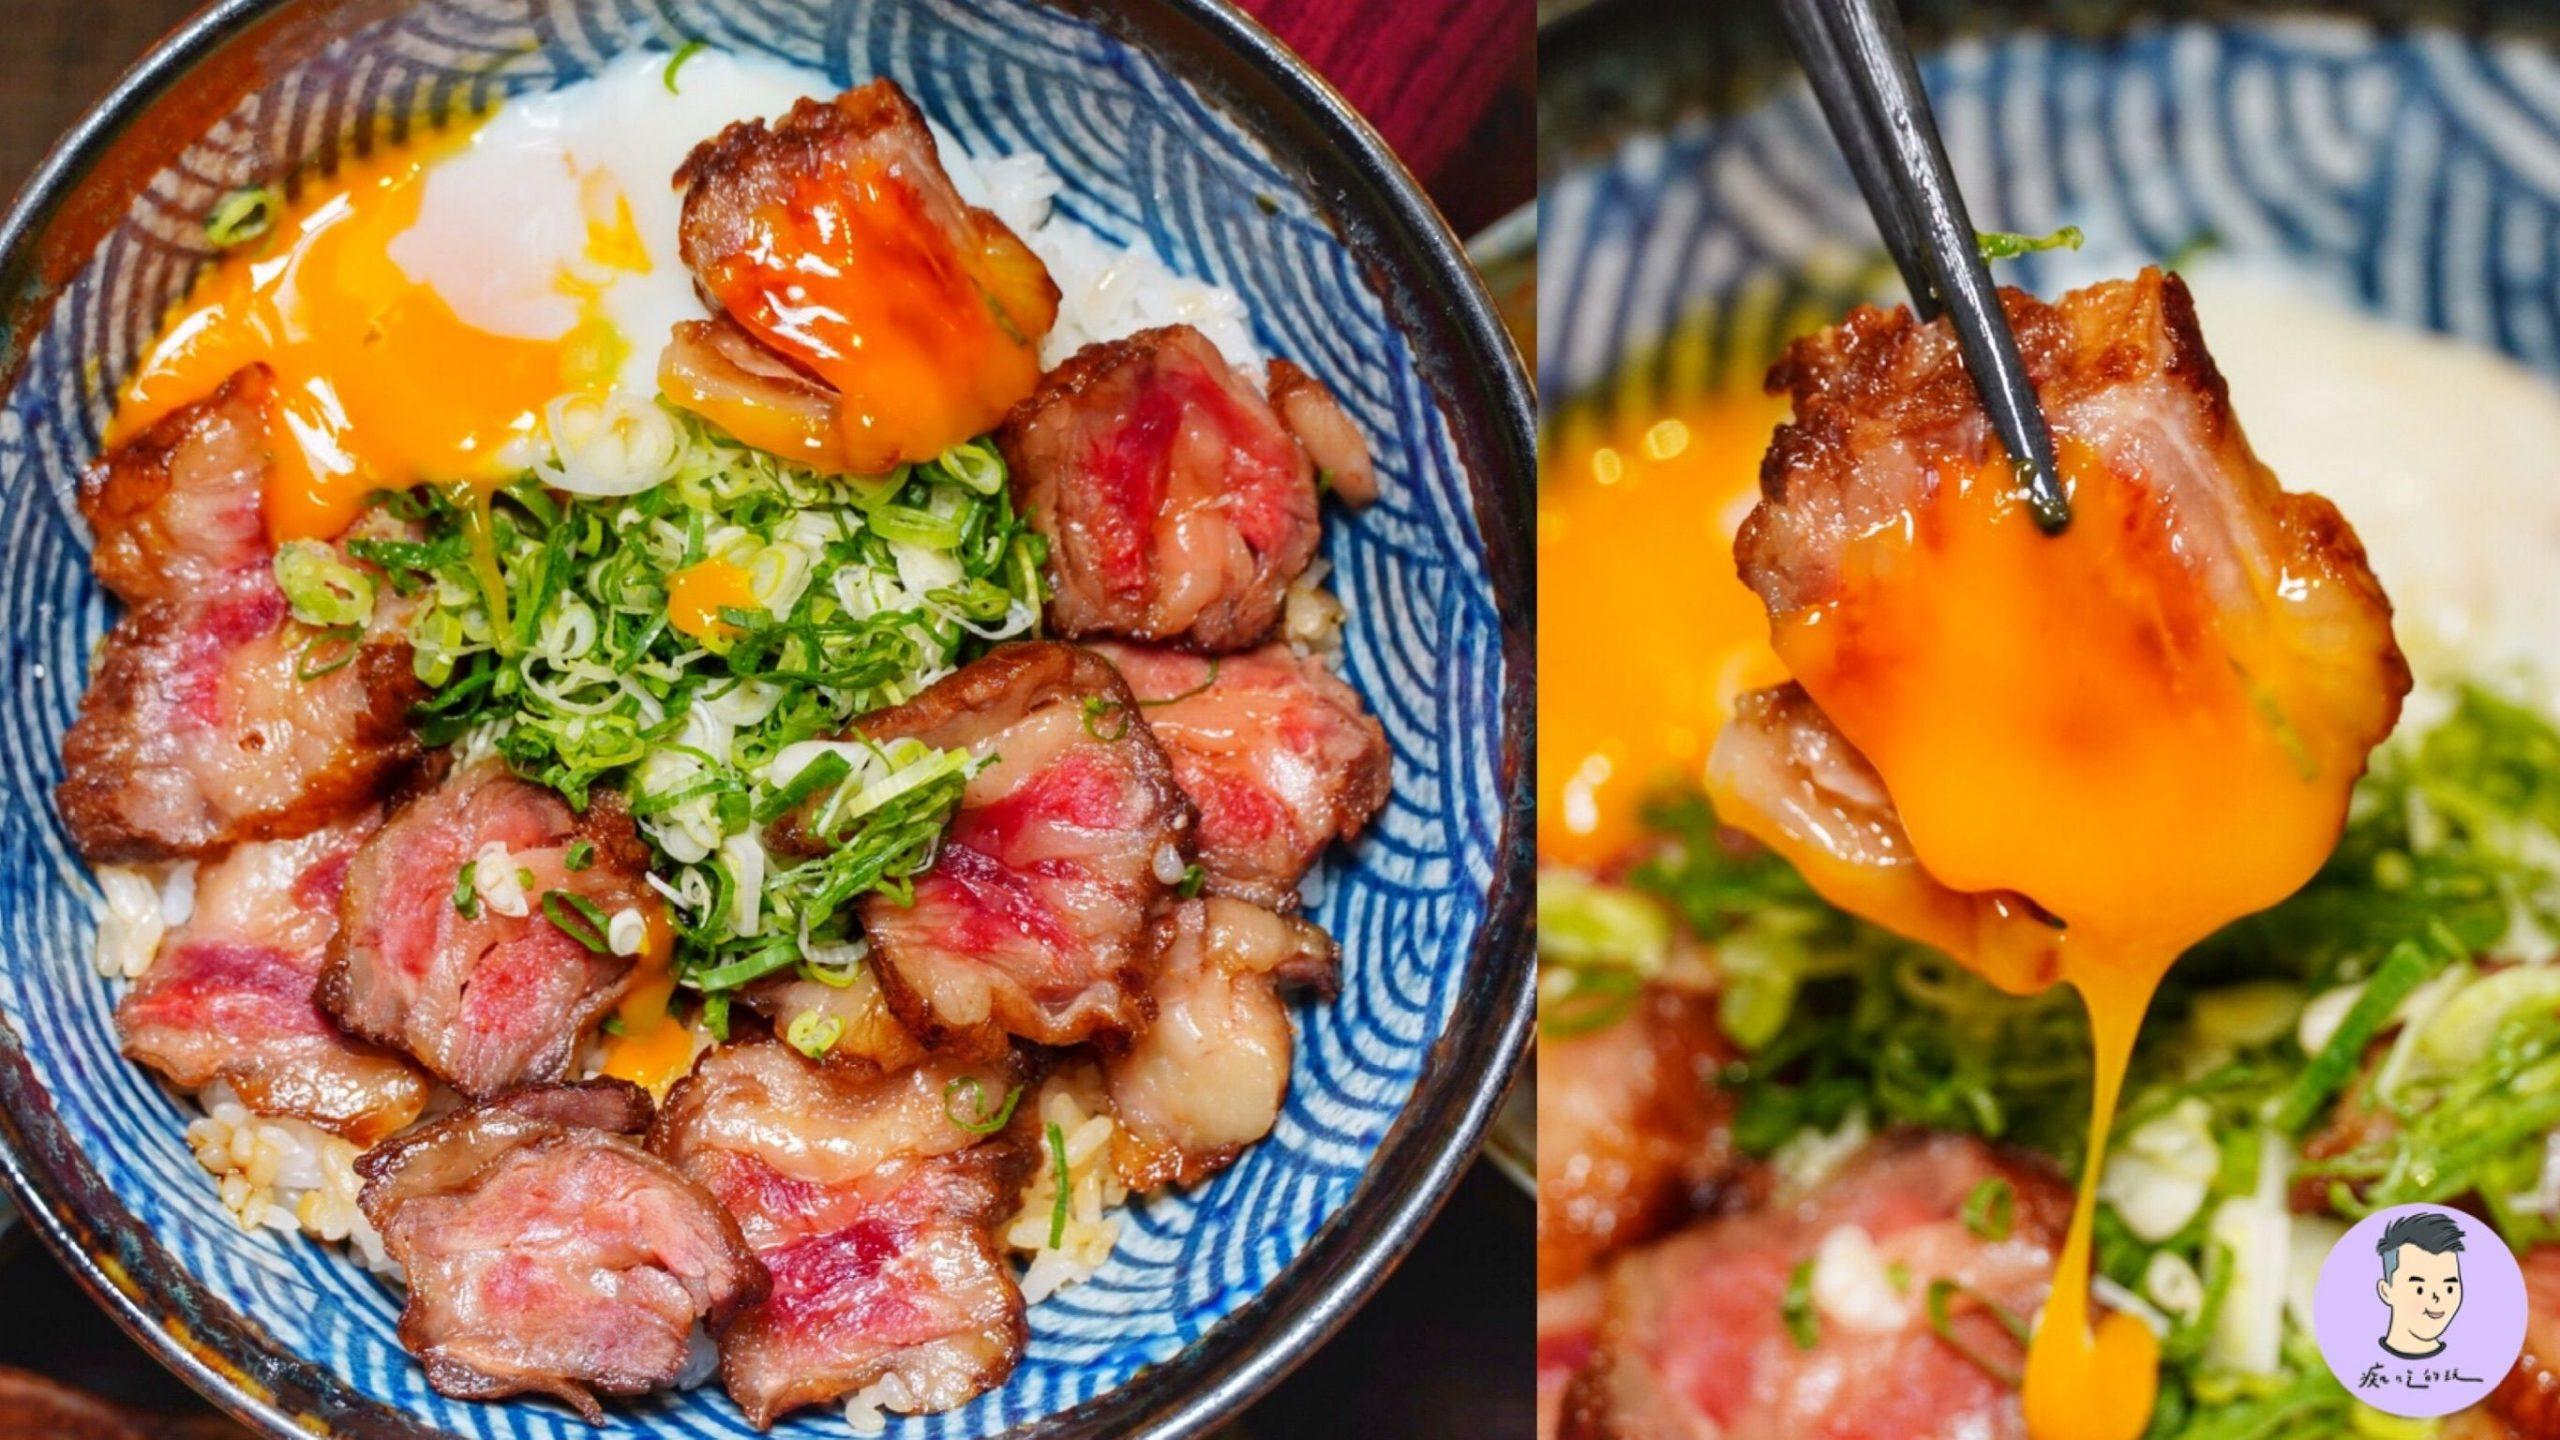 【台中美食】只開晚上的宵夜丼飯居酒屋「稻麥食堂」厚切和牛+半熟蛋邪惡爆表!高粱酒香腸必吃